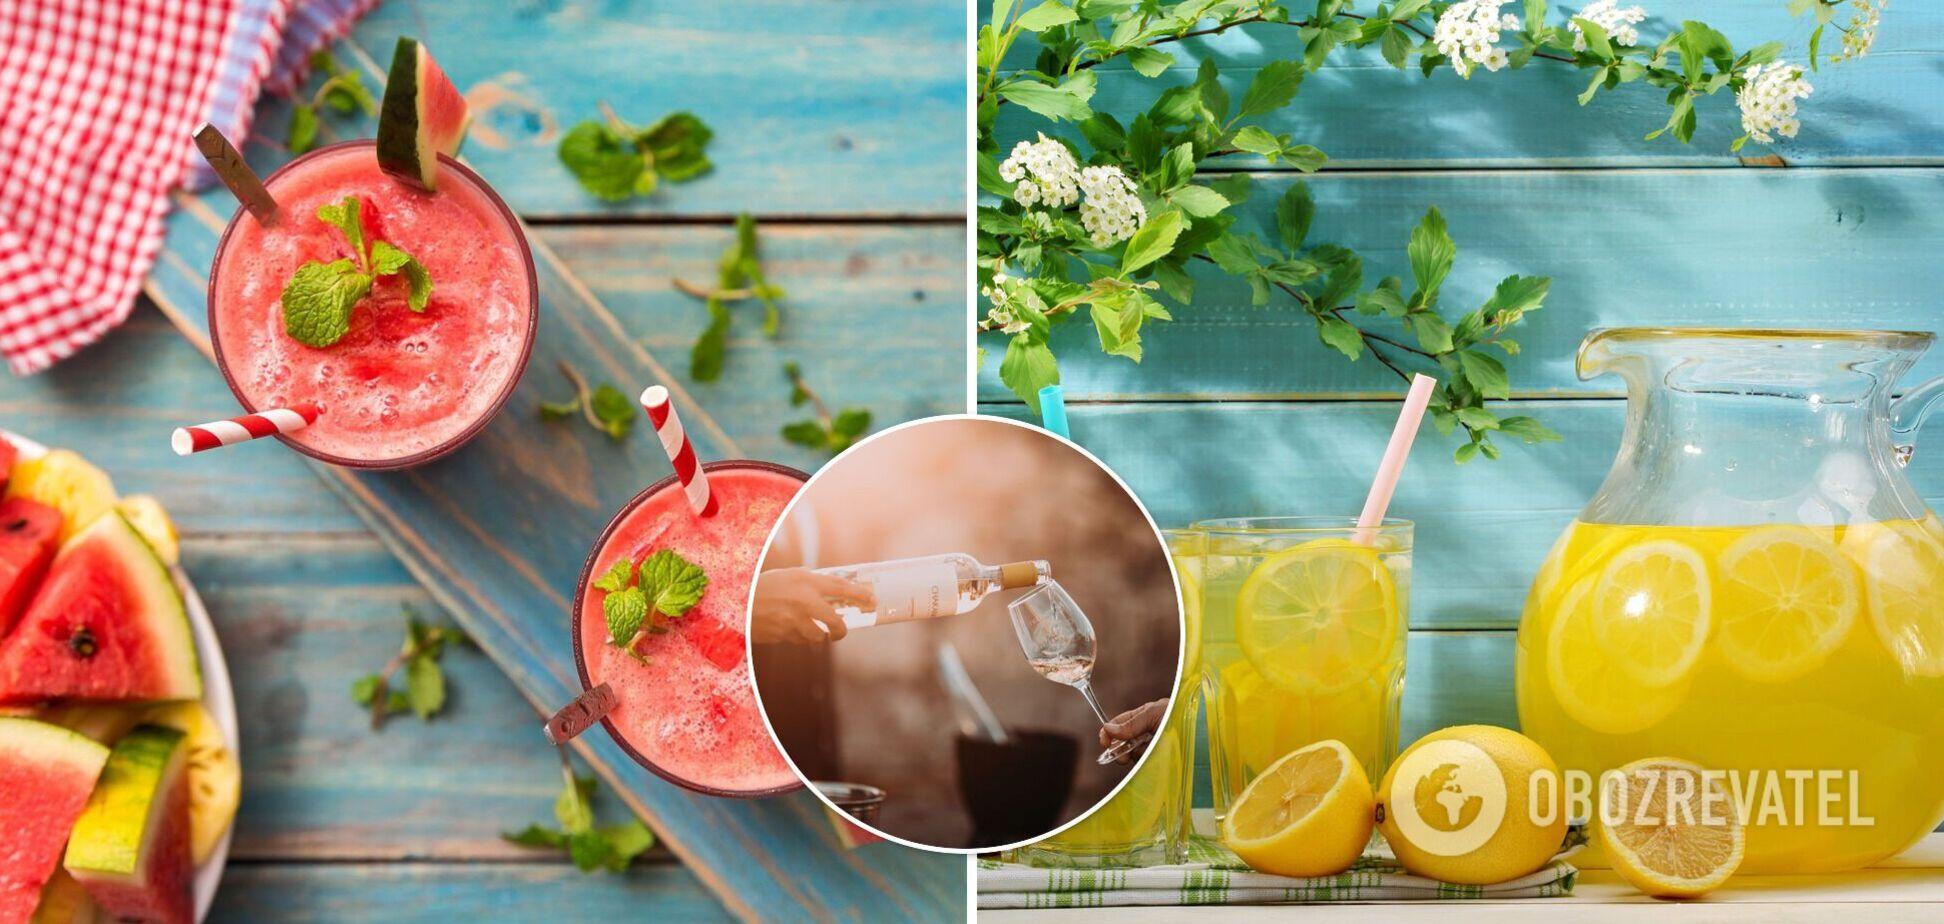 Рецепты охлаждающих напитков летом и что нельзя пить в жару. Отвечает на вопросы терапевт-диетолог